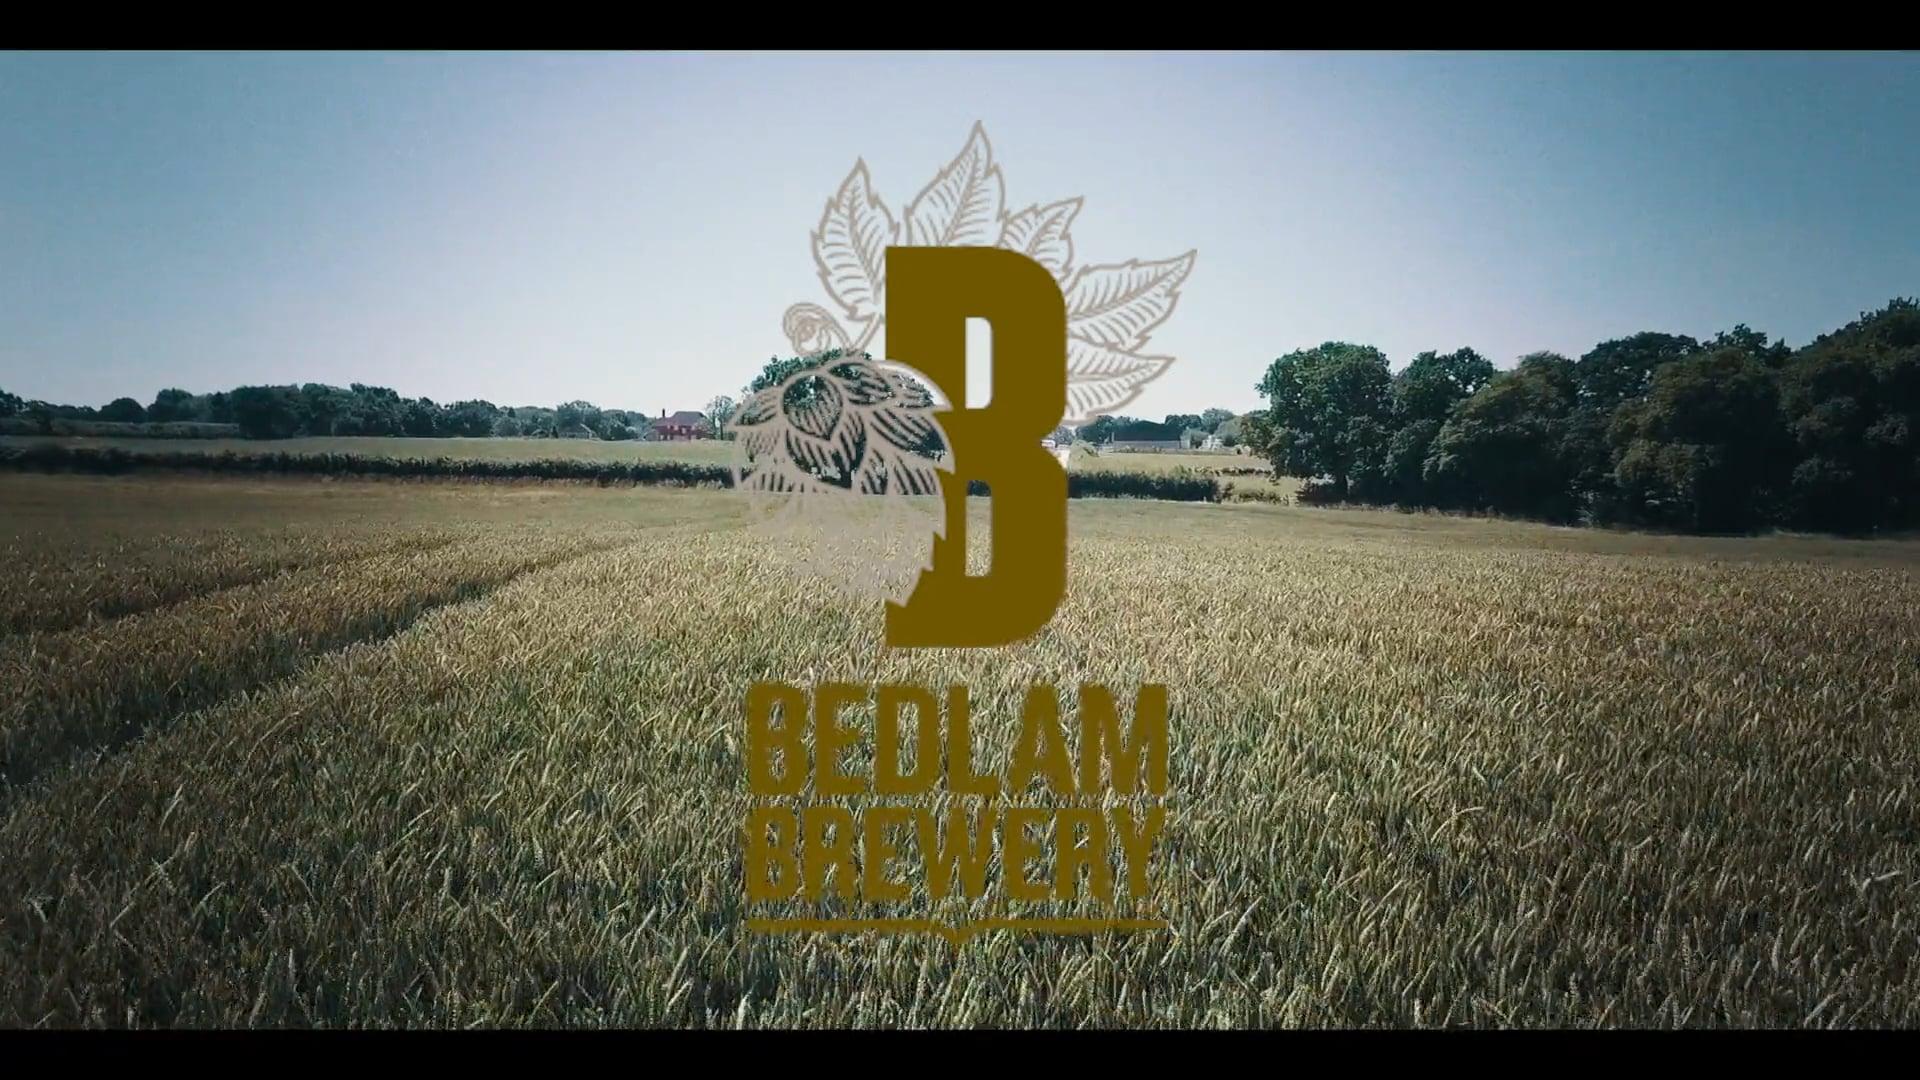 Bedlam_Investment_2019